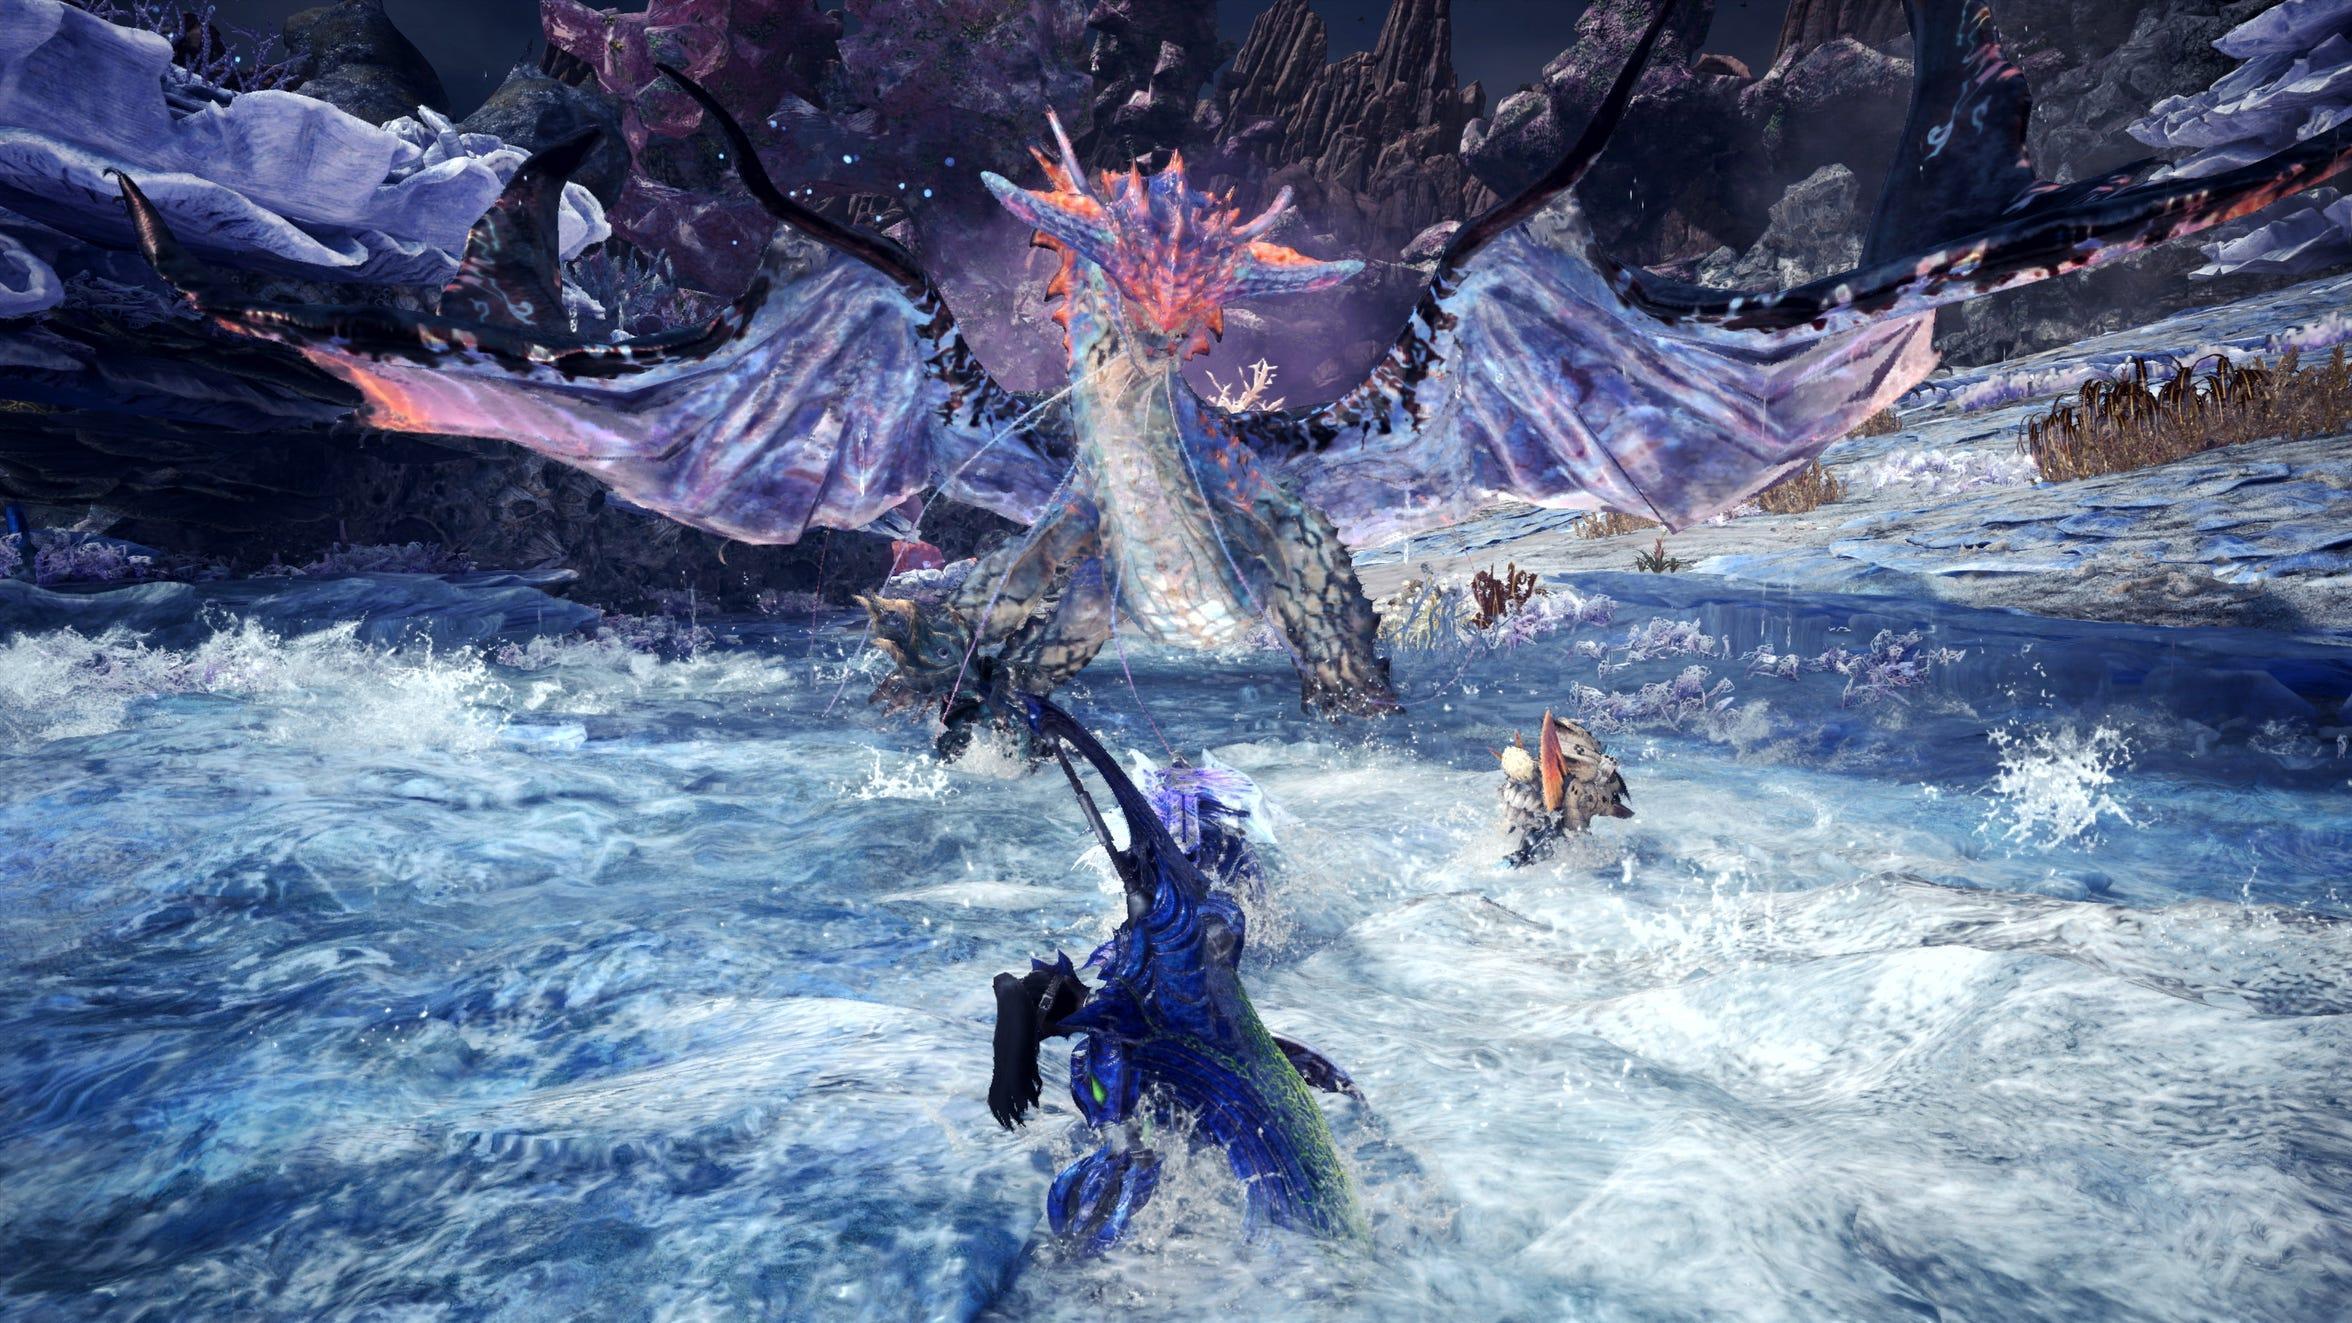 Monster Hunter World Iceborne Namielle Wallpapers Wallpaper Cave